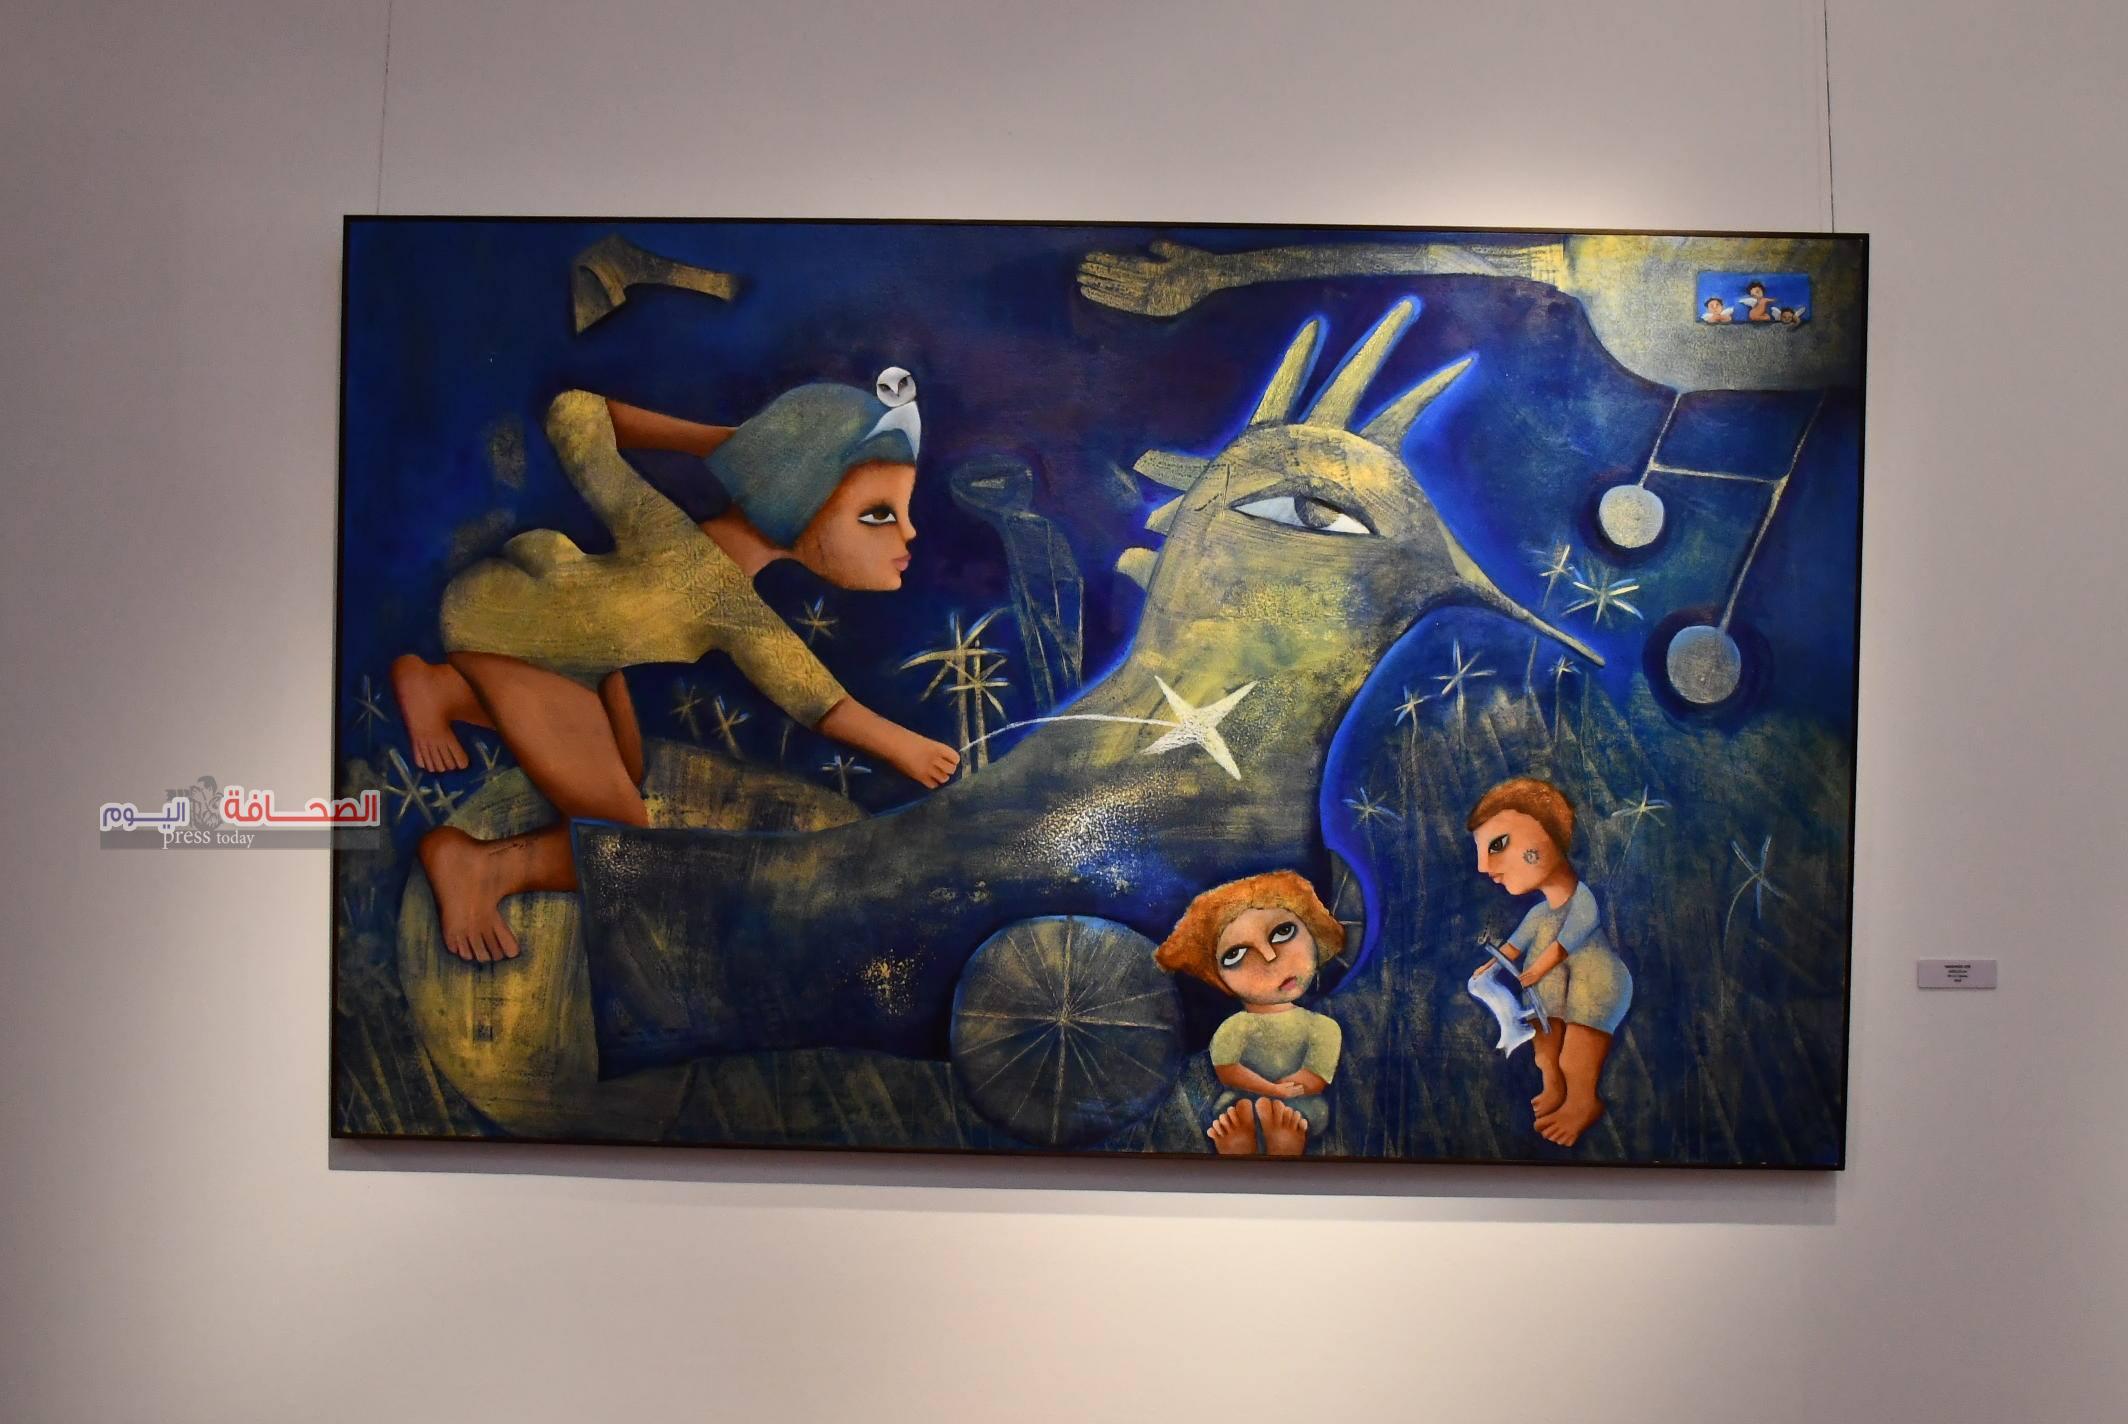 بالصور .. إفتتاح معرض الفنانة التشكيلية نعمت الديوانى